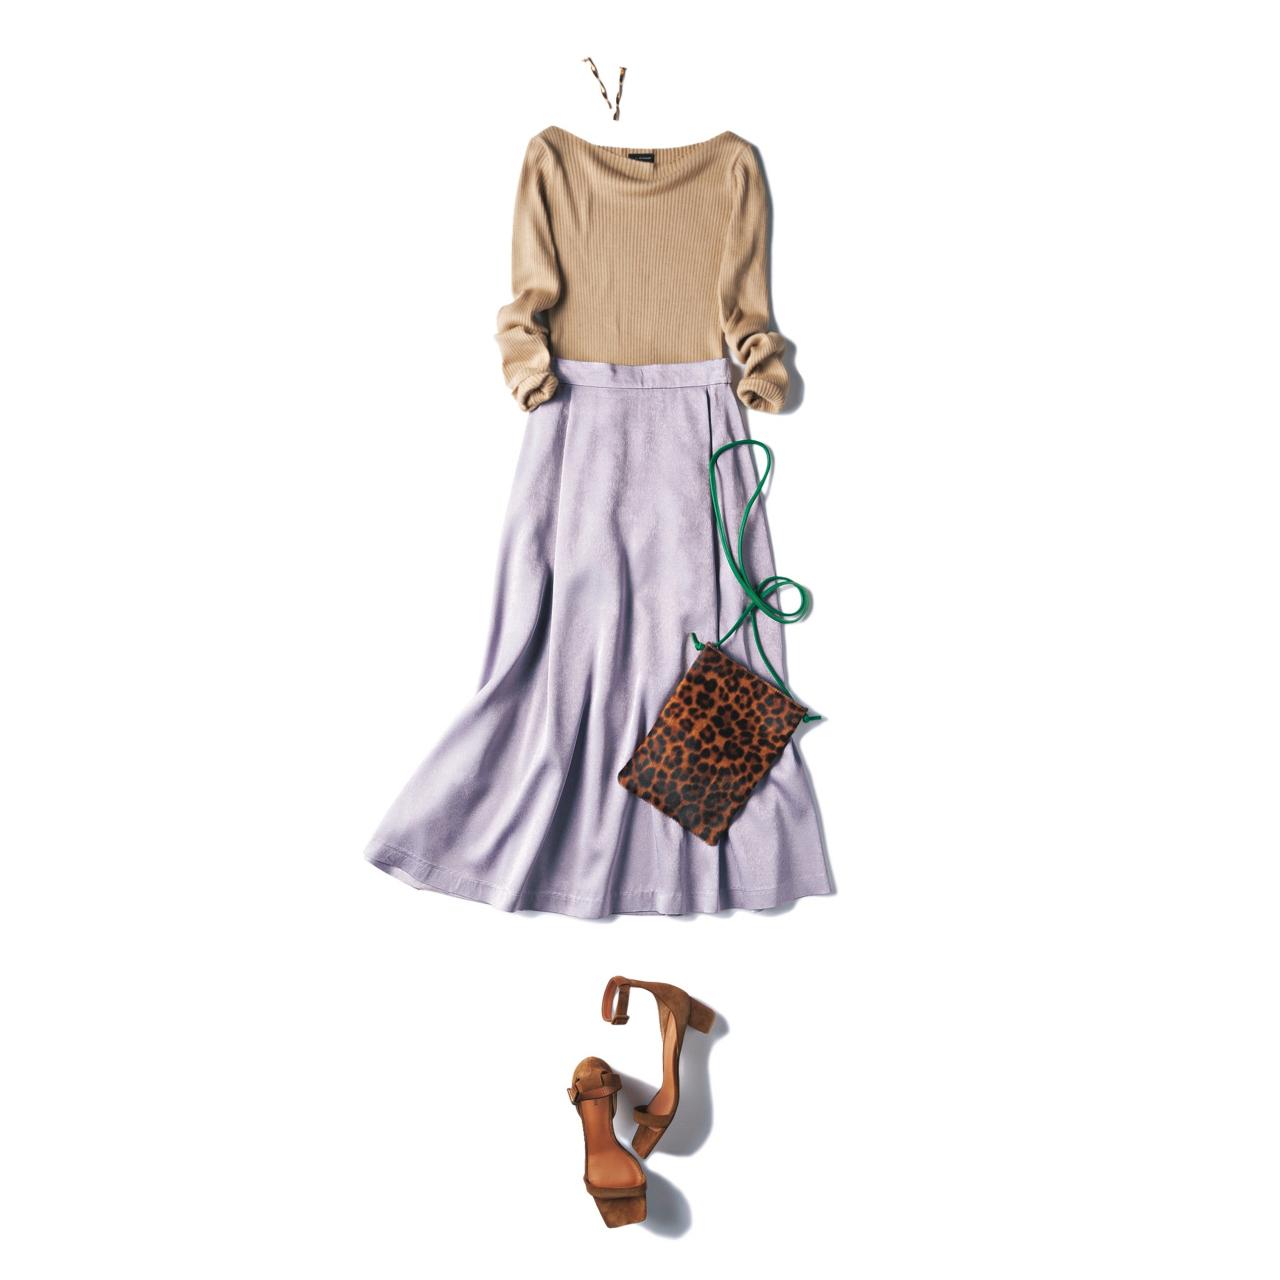 ベージュニット×ライラックカラーのスカートのファッションコーデ